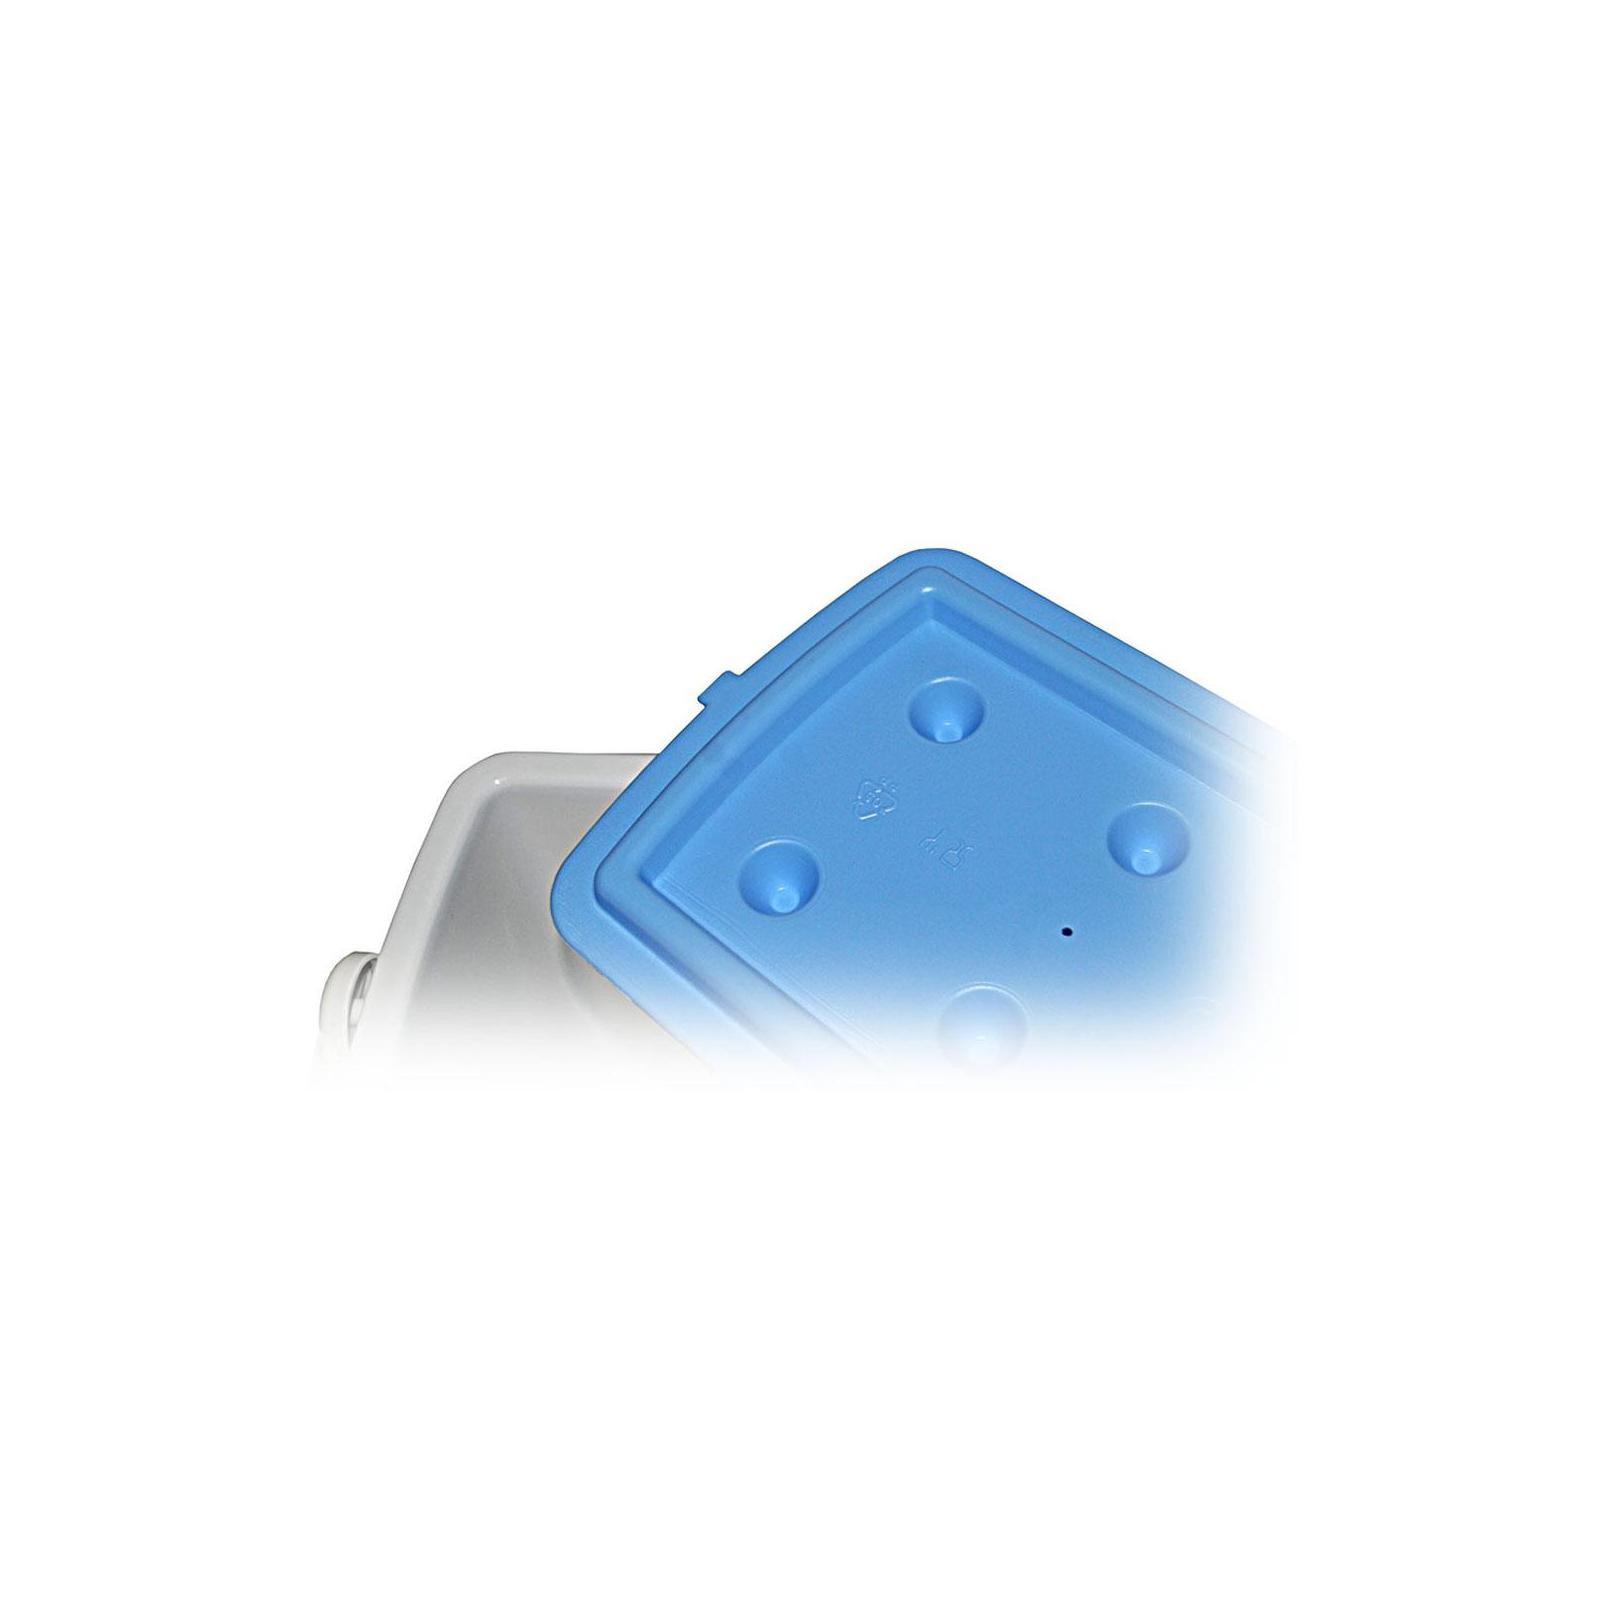 Термобокс Ezetil SF-16 красно-синий (4020716074115BLUERED) изображение 2